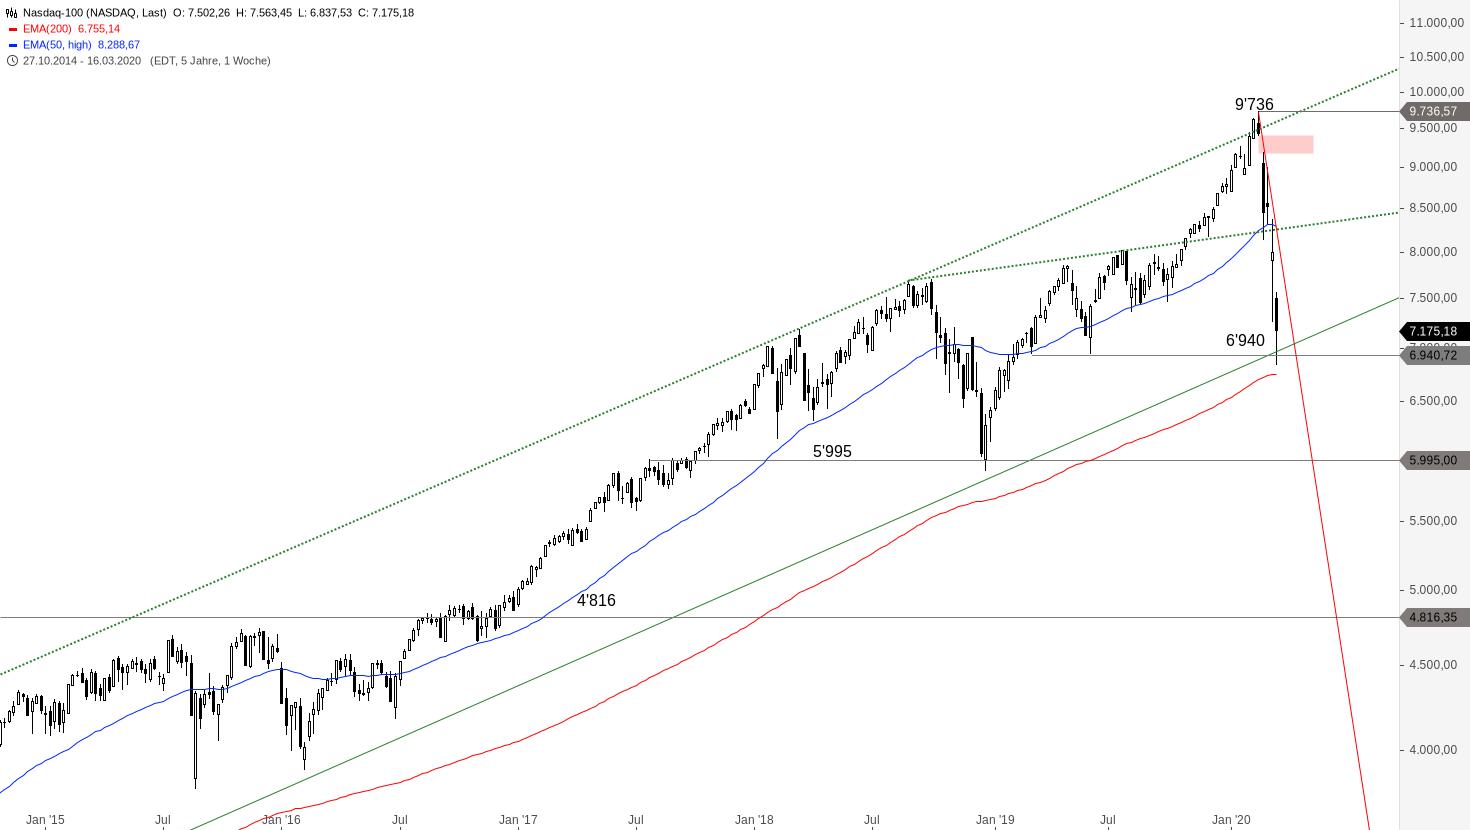 NASDAQ-100-Temporärer-Boden-gefunden-Chartanalyse-Alexander-Paulus-GodmodeTrader.de-2